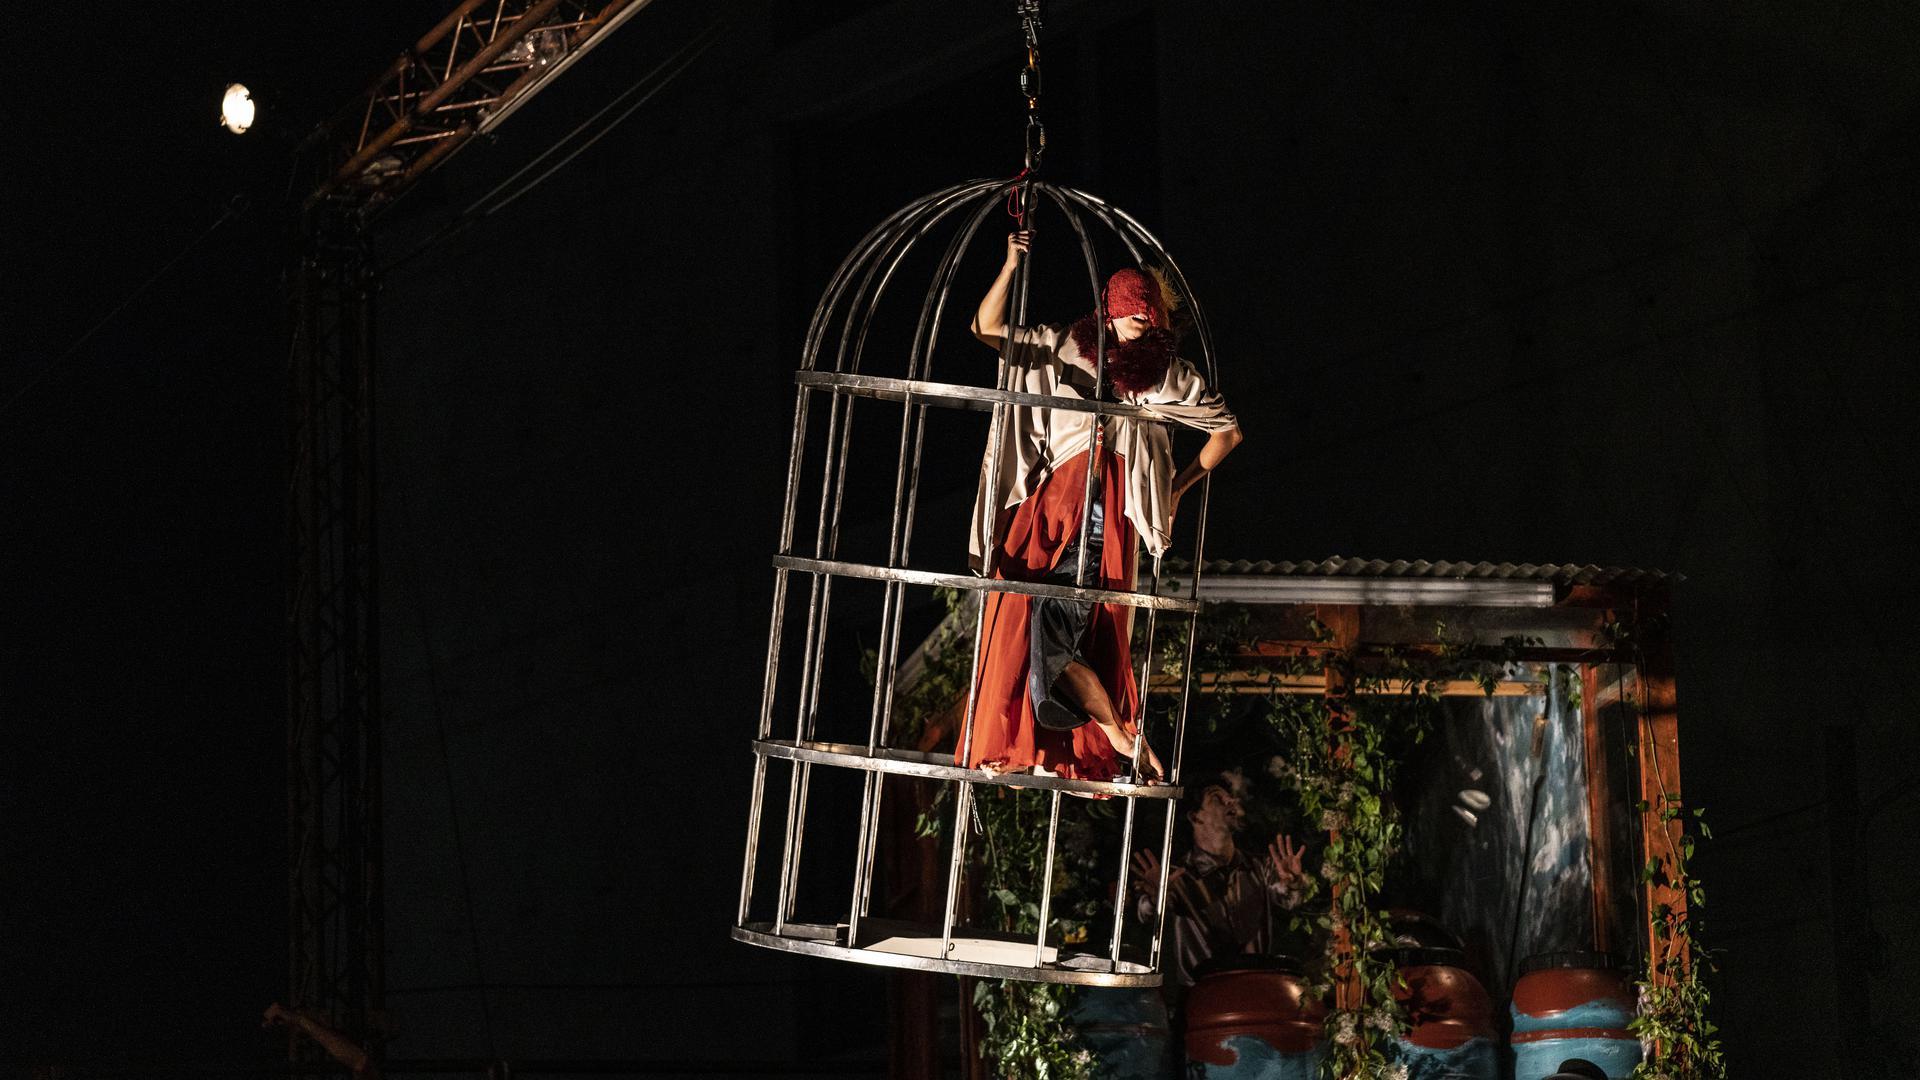 Eine Frau steht in einem Käfig